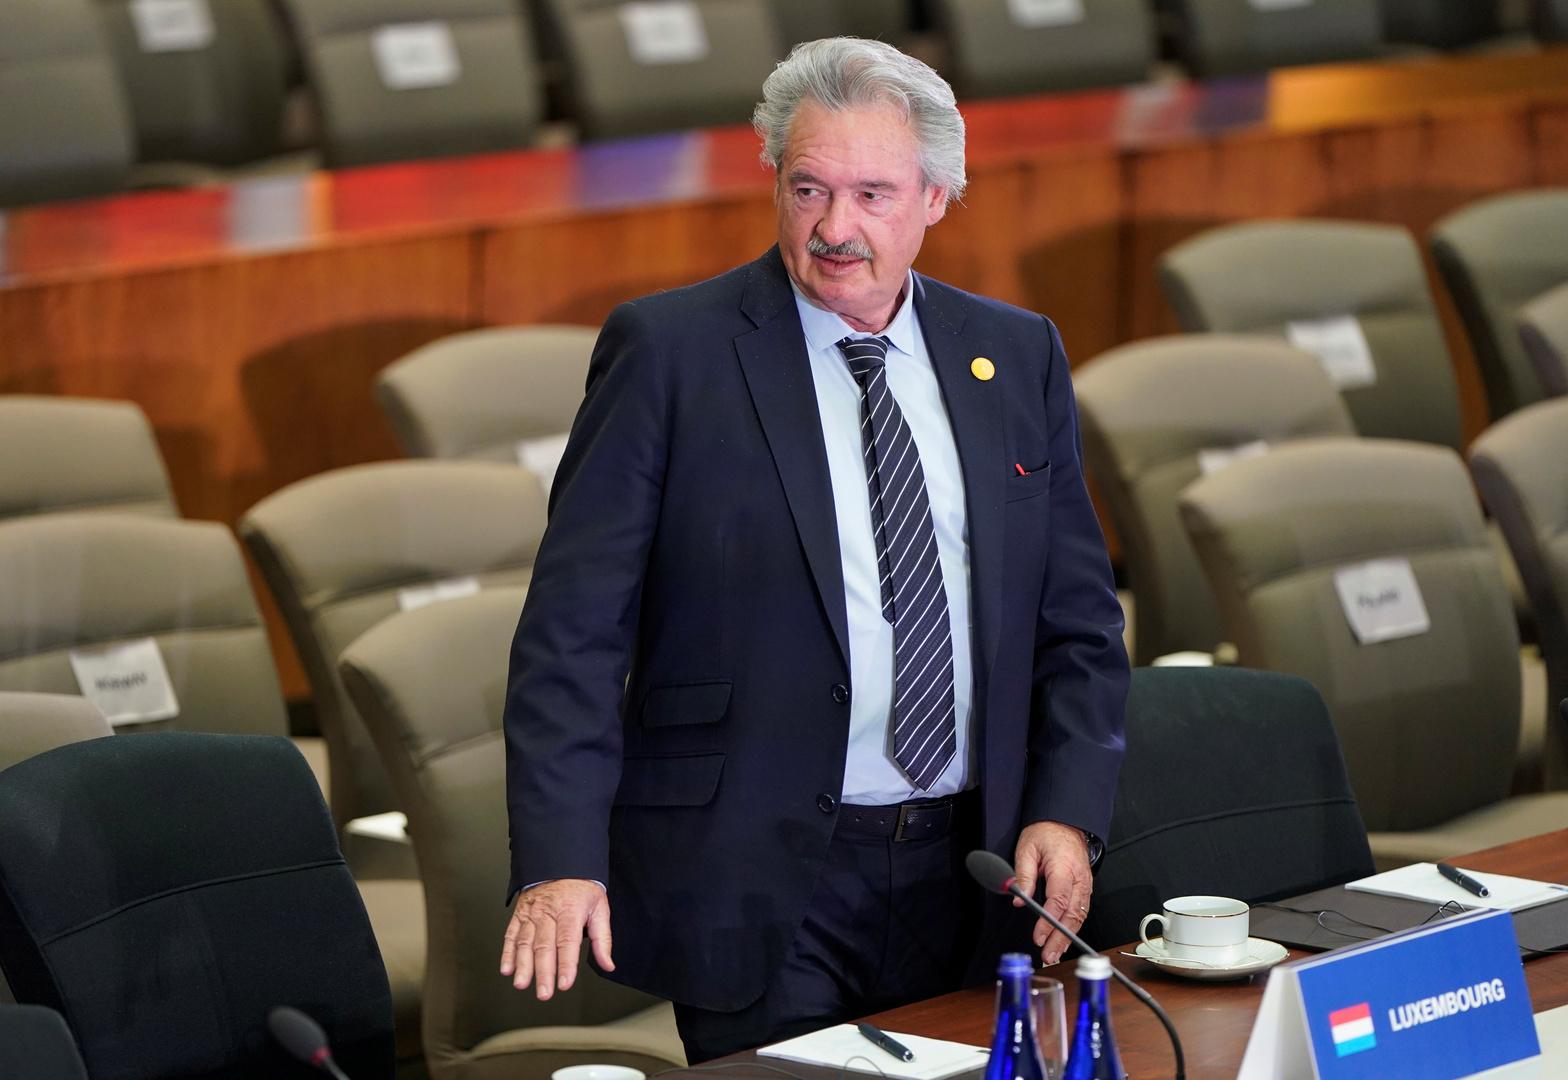 وزير خارجية لوكسمبورغ: الضم الإسرائيلي سرقة تخالف الوصايا العشر